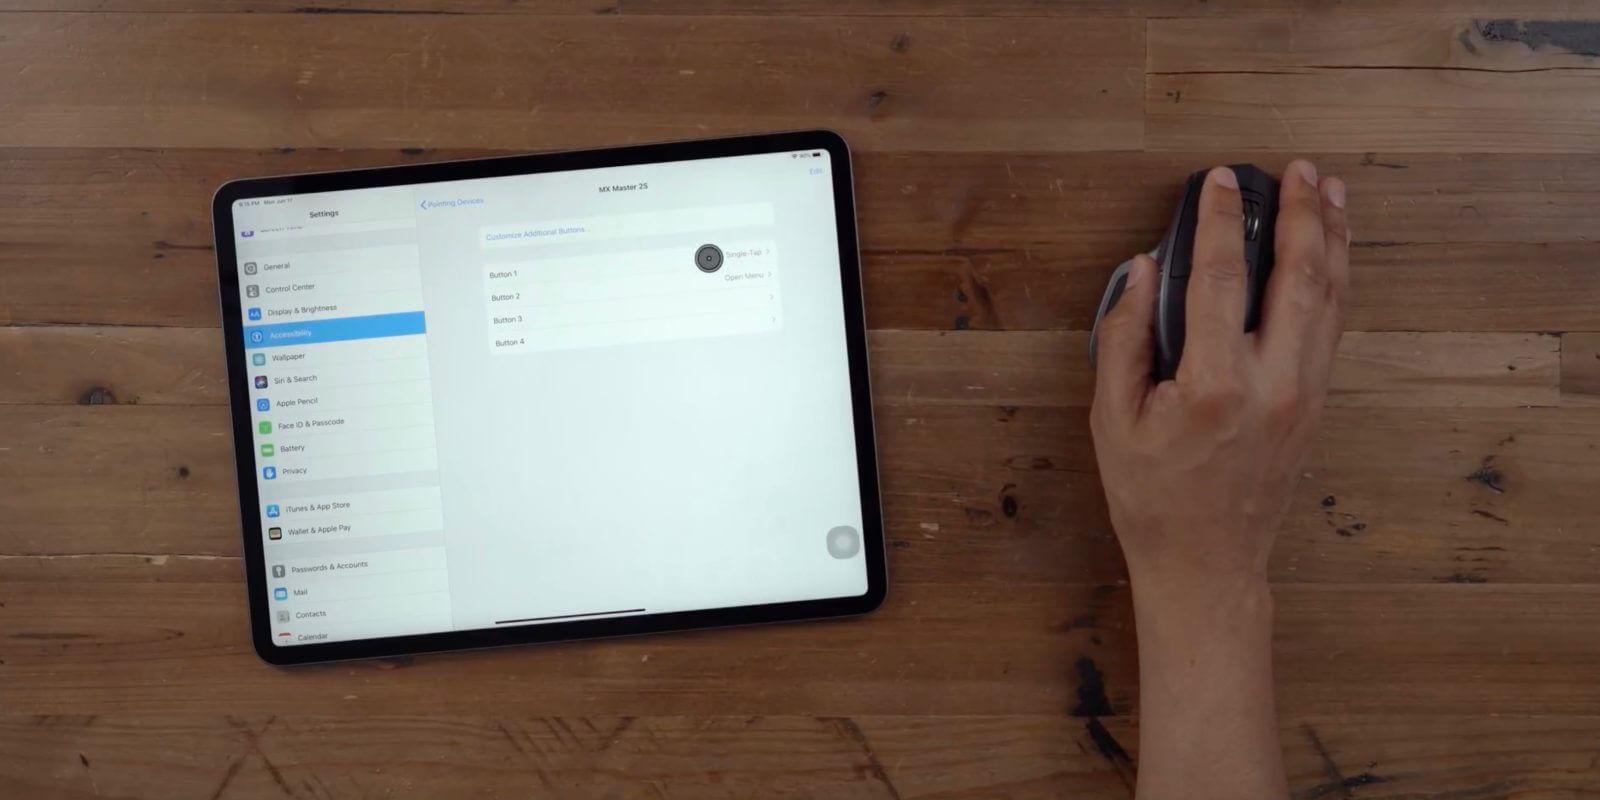 Курсор в iPad скоро будет работать еще лучше